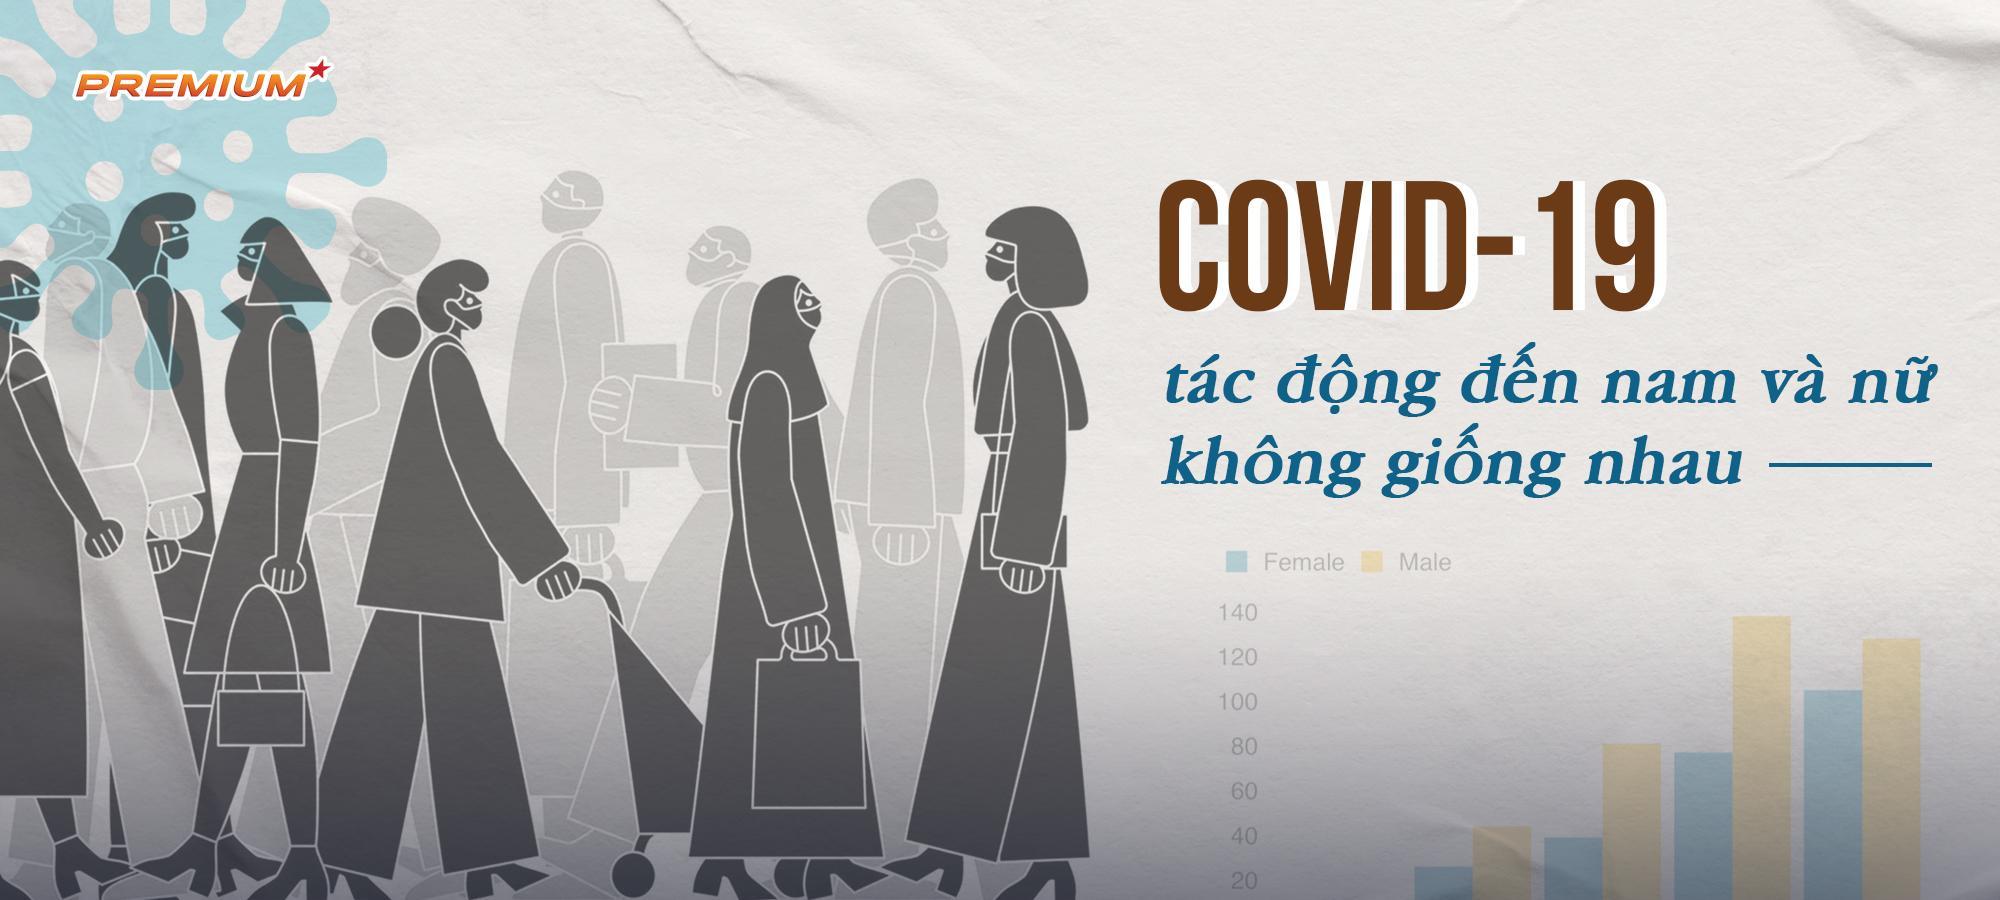 Covid-19 tác động đến nam và nữ không giống nhau